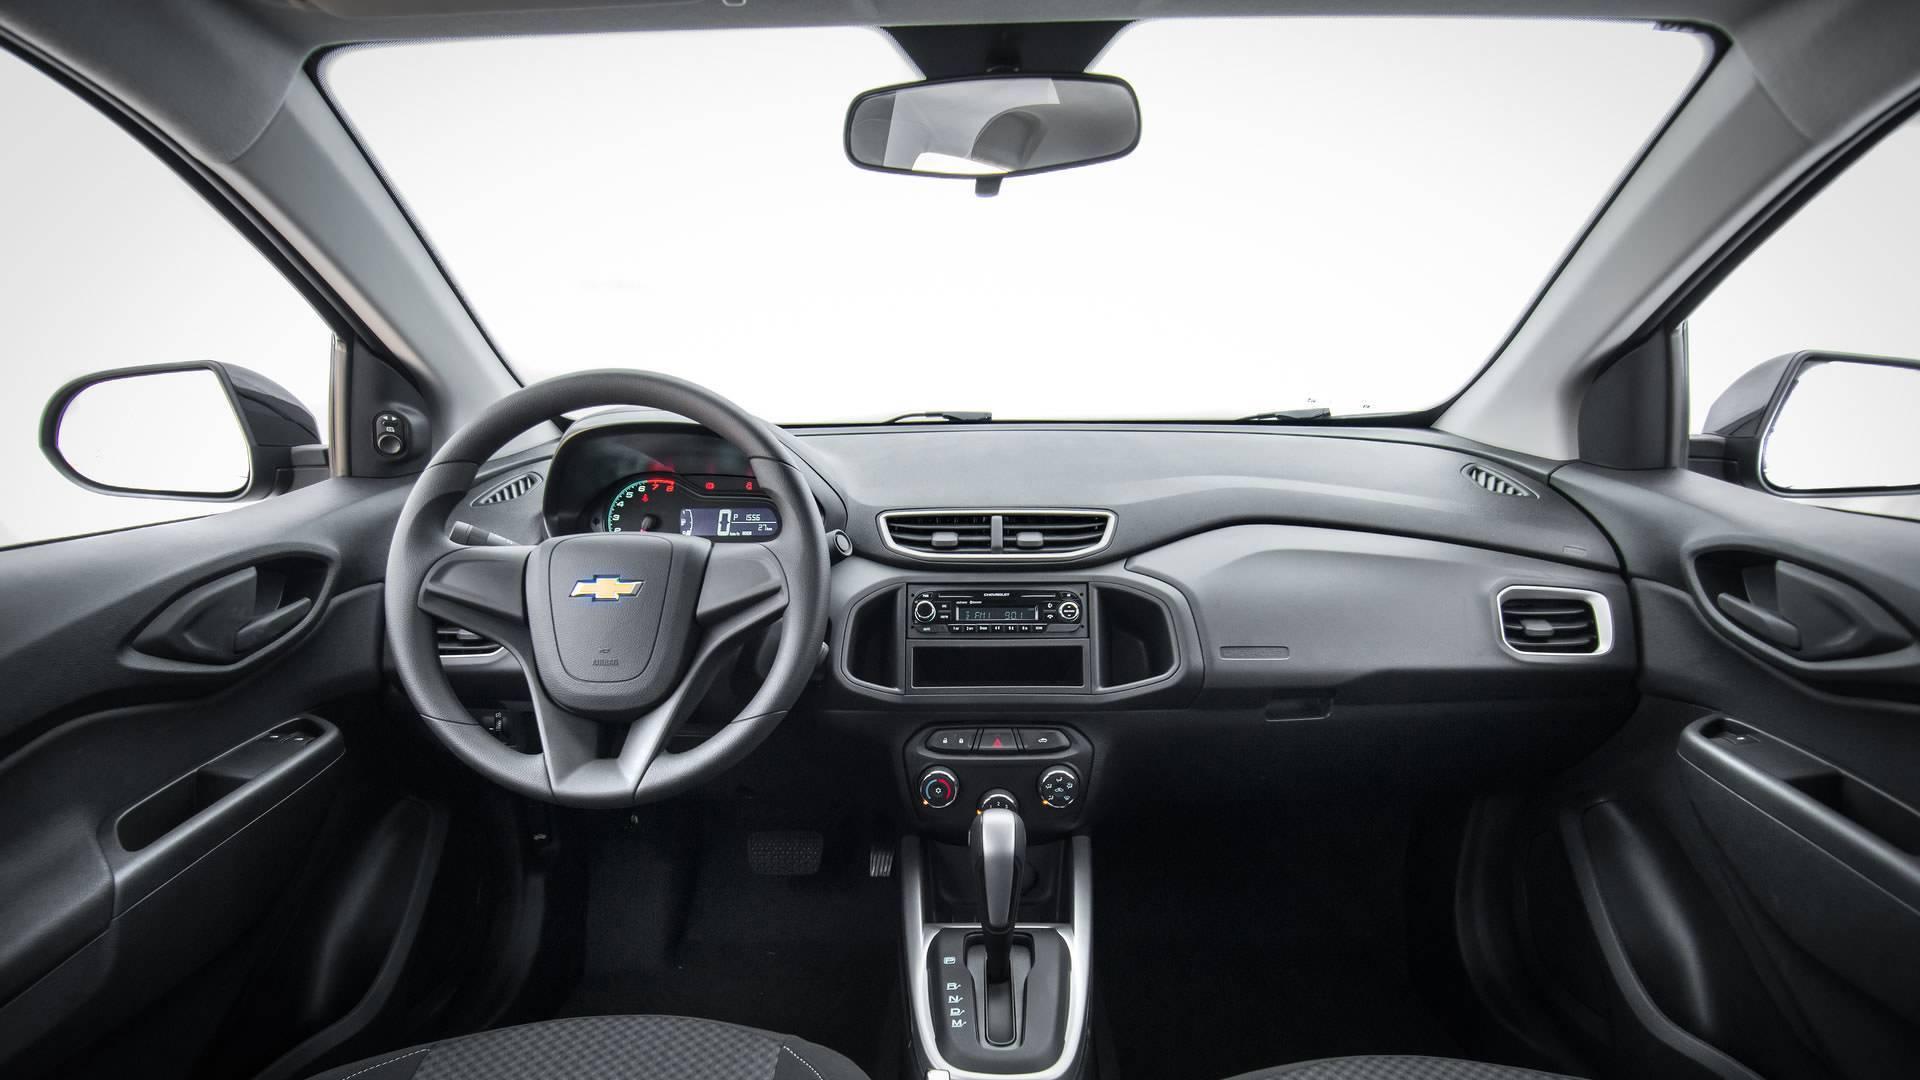 Chevrolet Onix. Foto: Divulgação